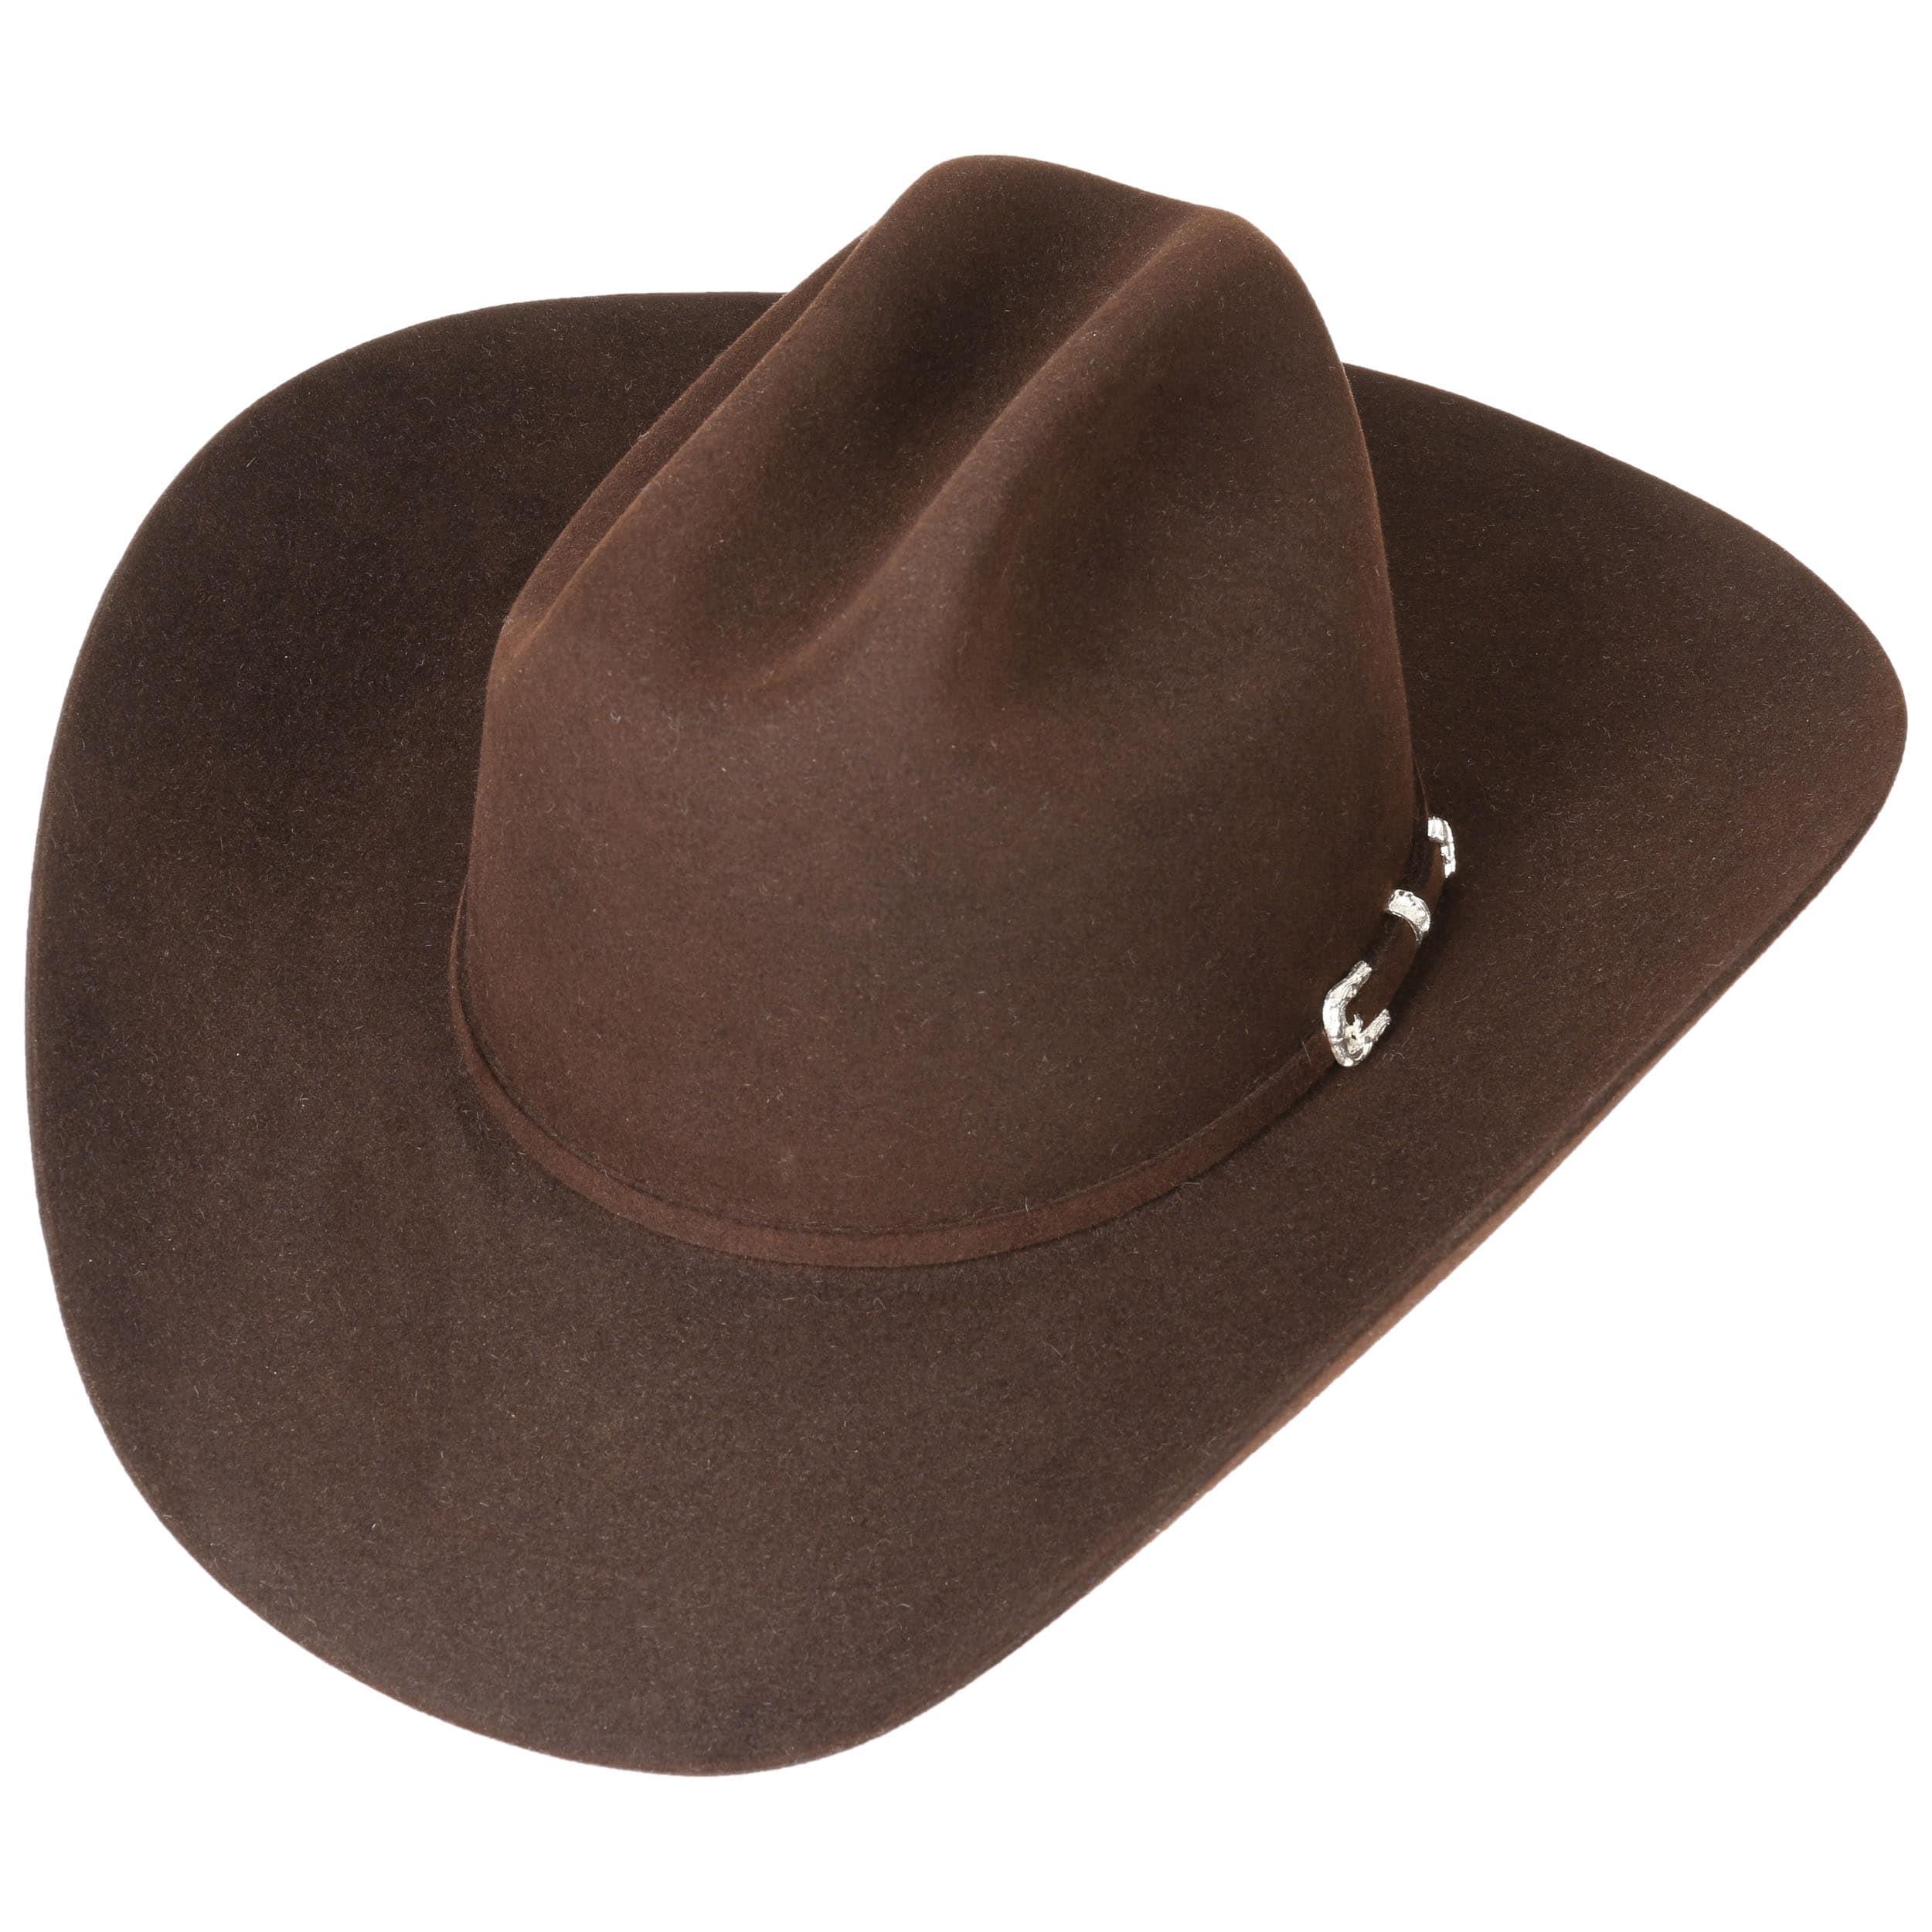 Sombrero de Vaquero Lariat 5X by Stetson - Sombreros - sombreroshop.es a16262060e7